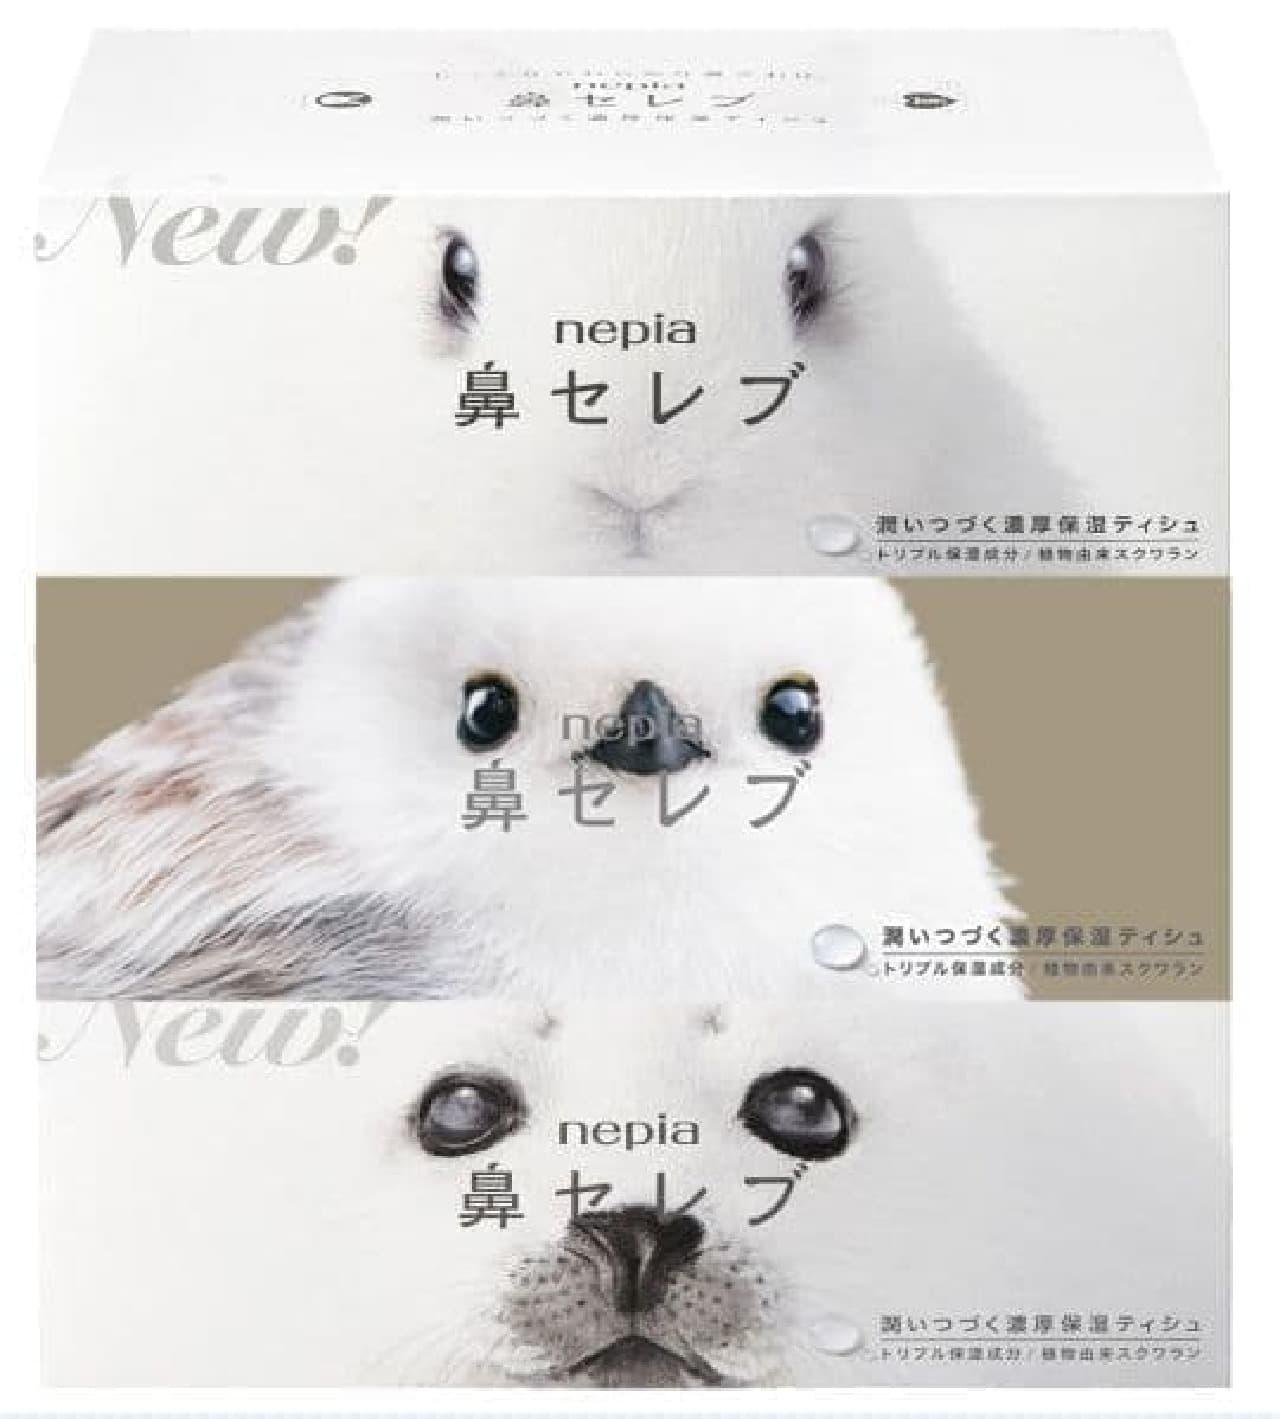 王子ネピアから「ネピア 鼻セレブティッシュ 3個パック」の秋季限定パッケージ、かわいすぎるシマエナガやうさぎ、あざらし